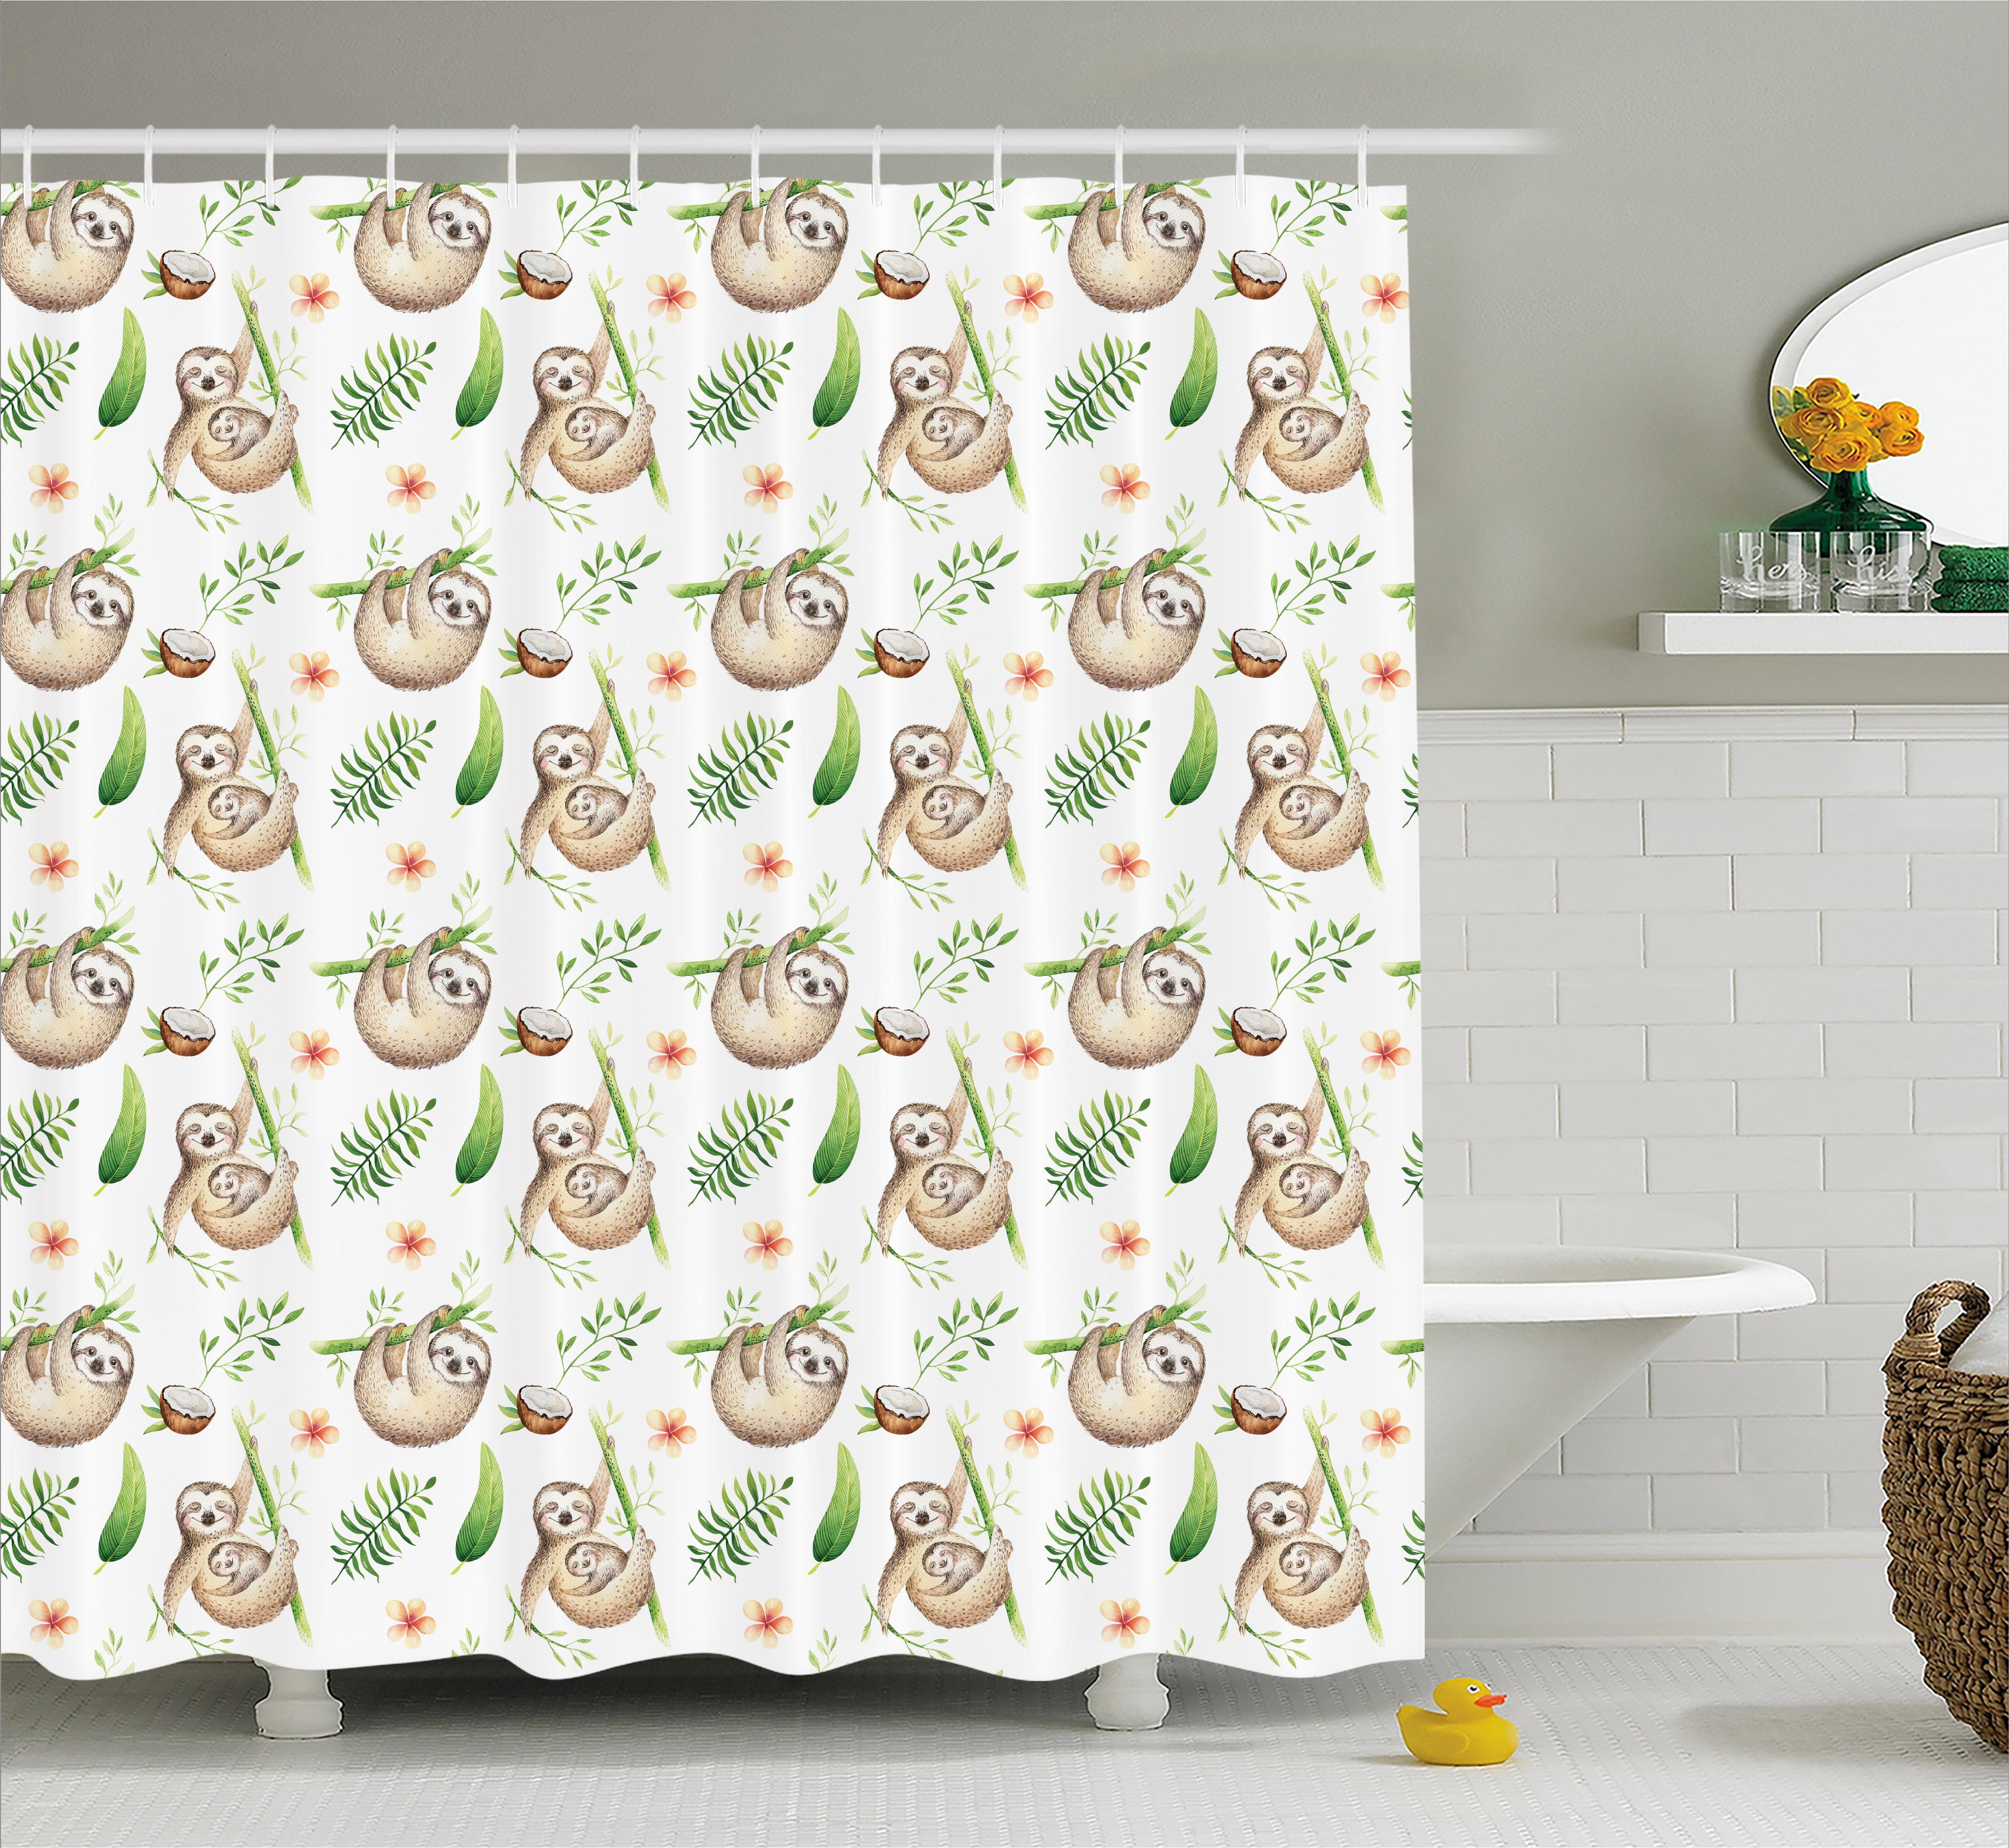 Bathroom Supplies Accessories Home Garden Sloth Pattern